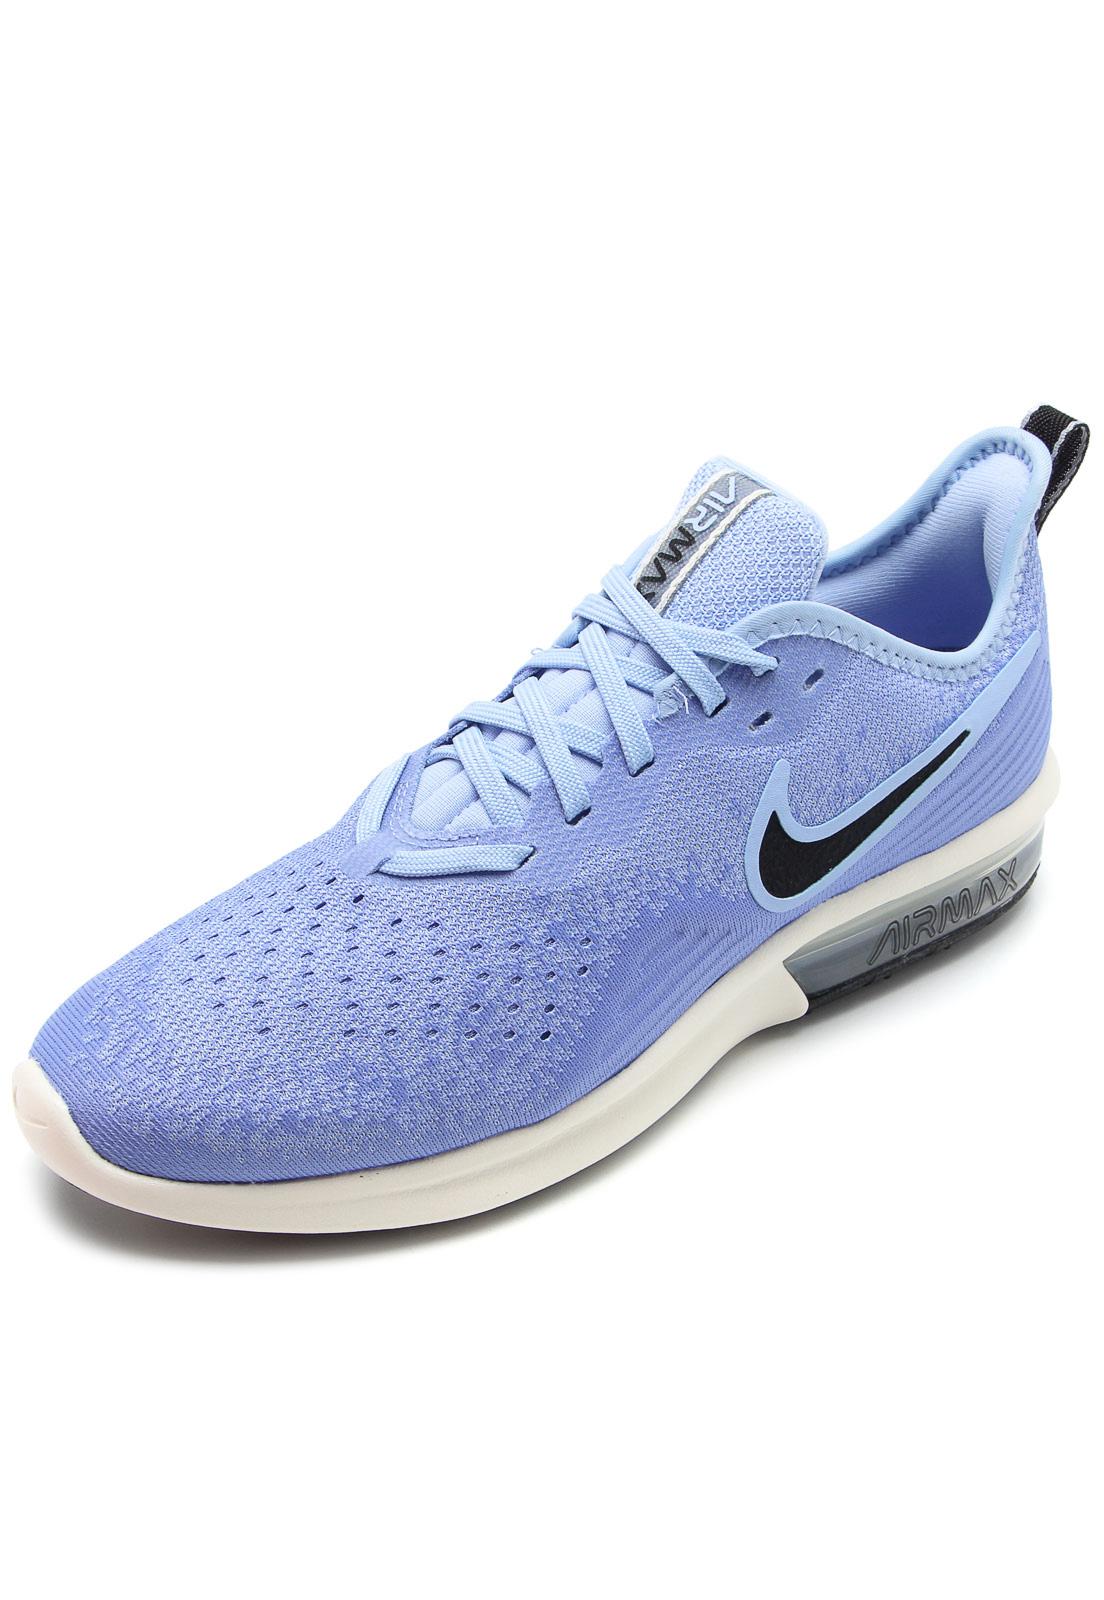 Tênis Nike Air Max Sequent 4 Azul   Nike air max, Ar max e